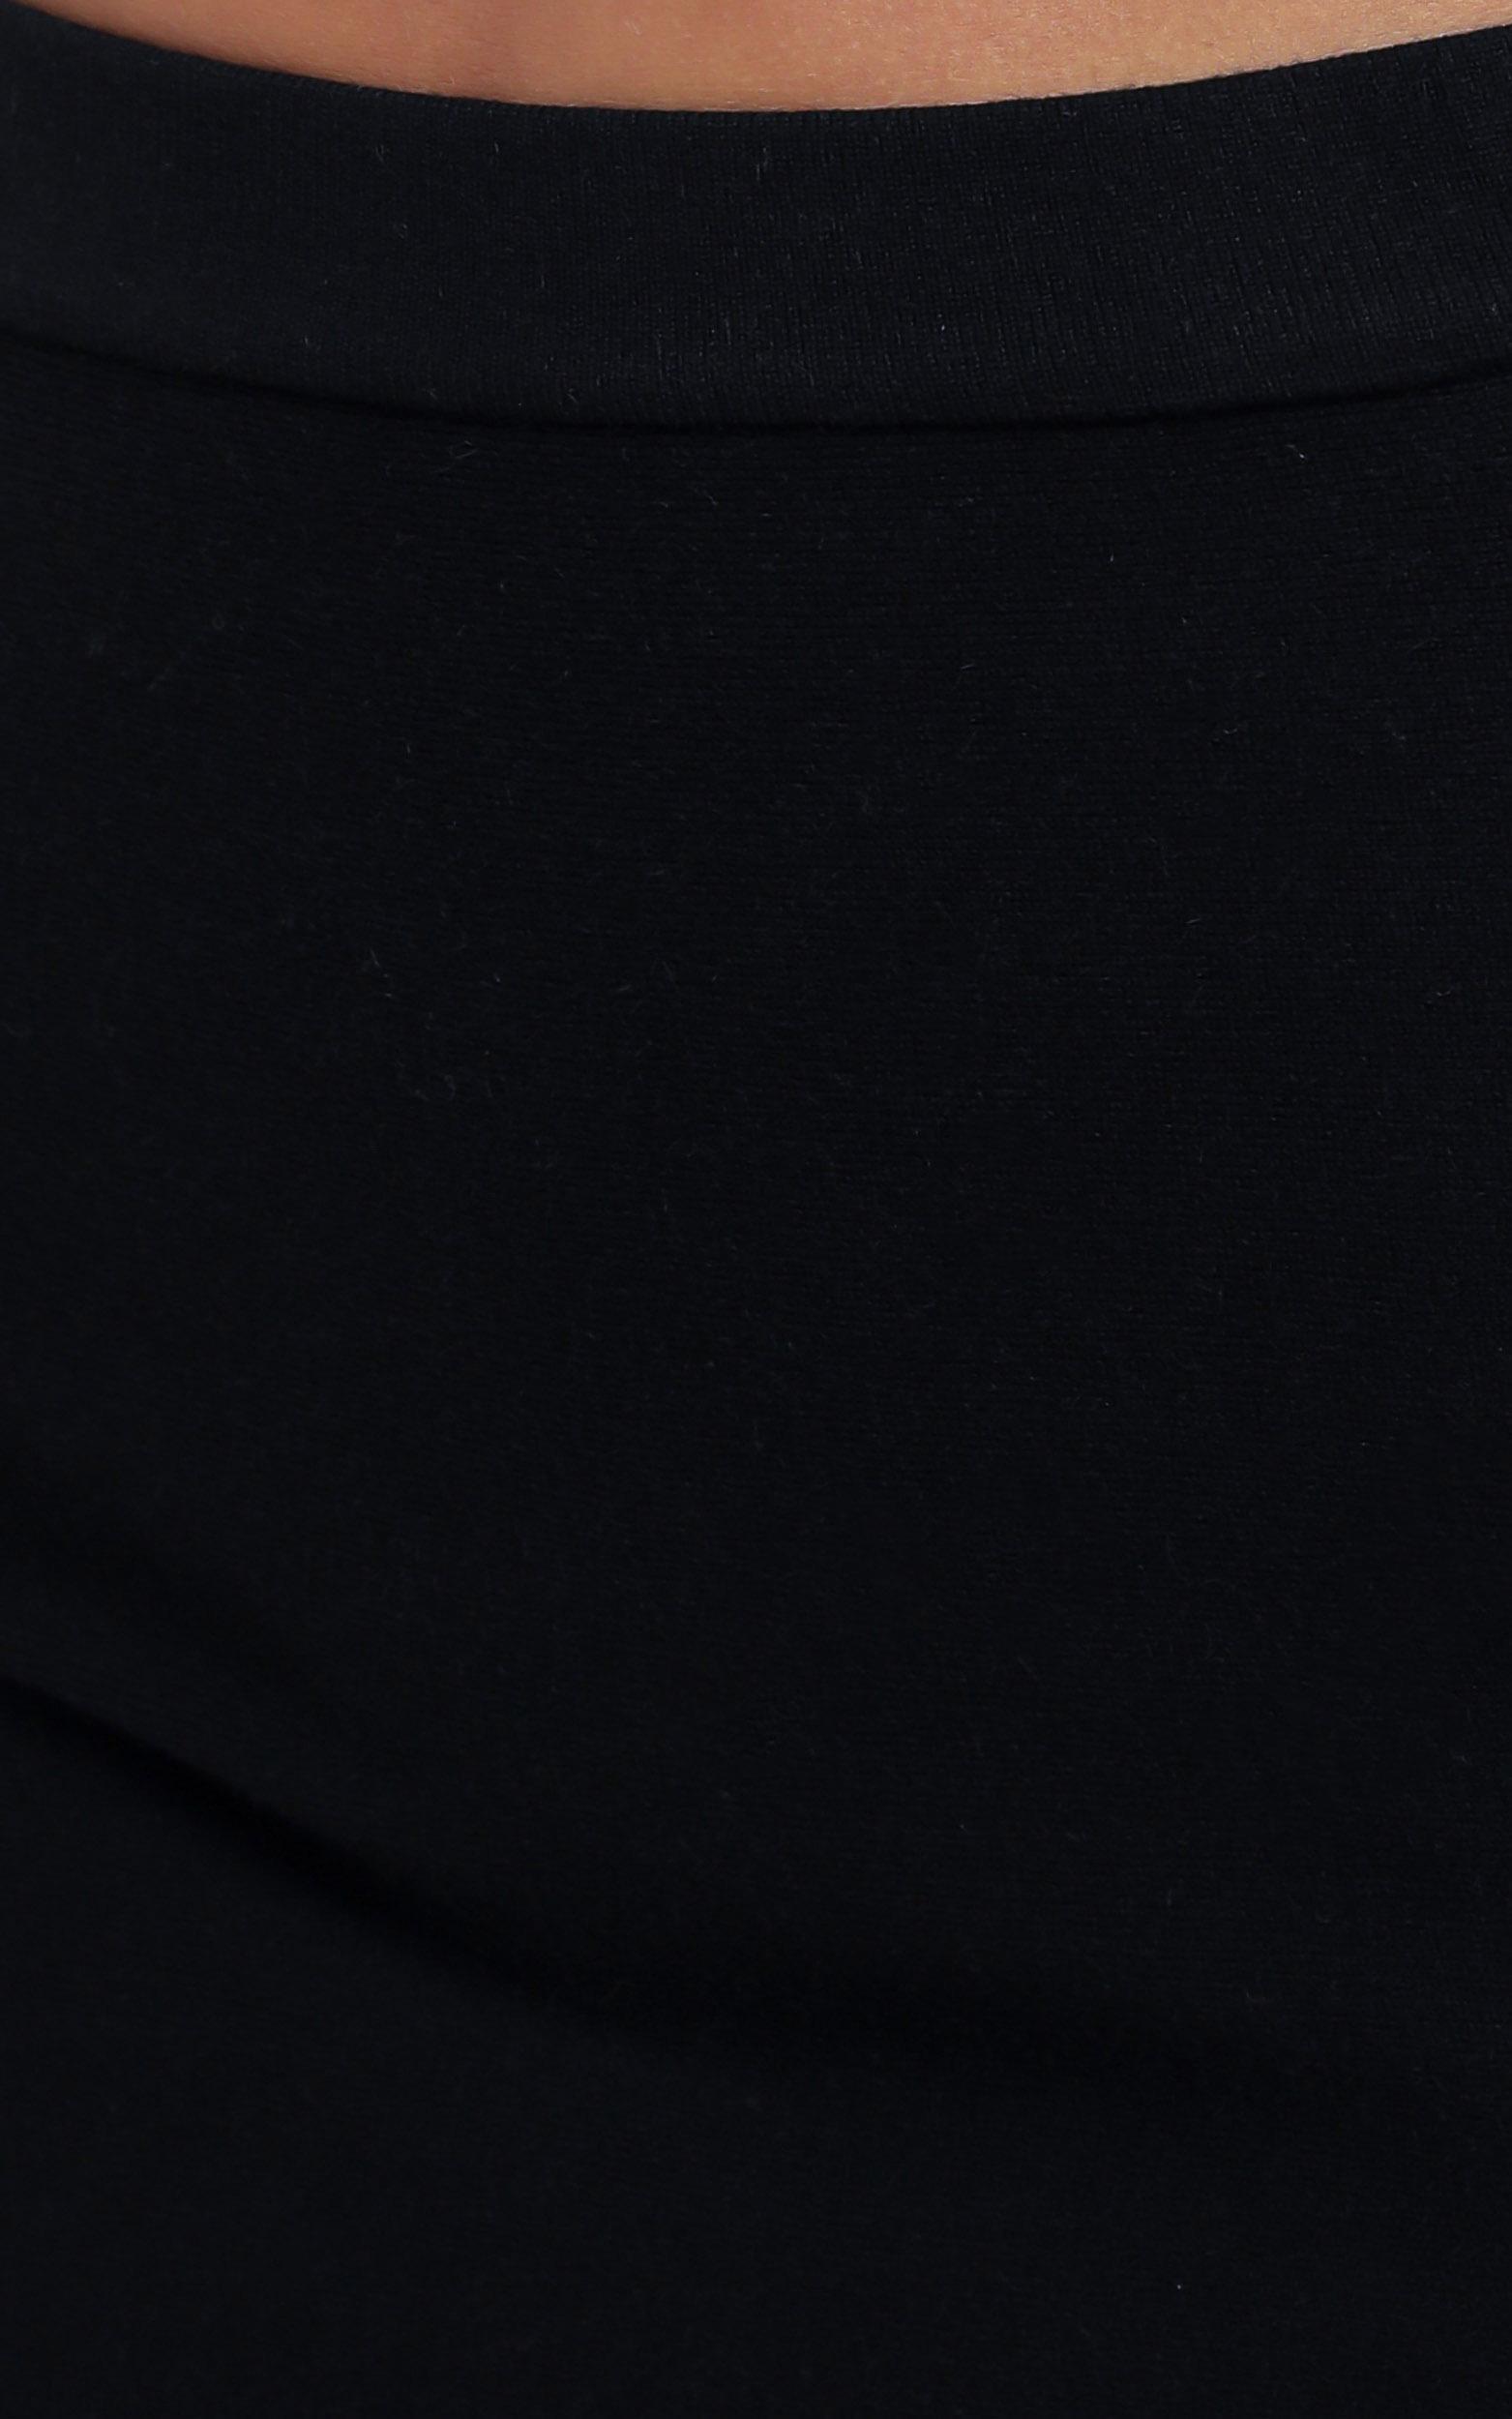 Kiley Knit Skirt in Black - 12 (L), Black, hi-res image number null